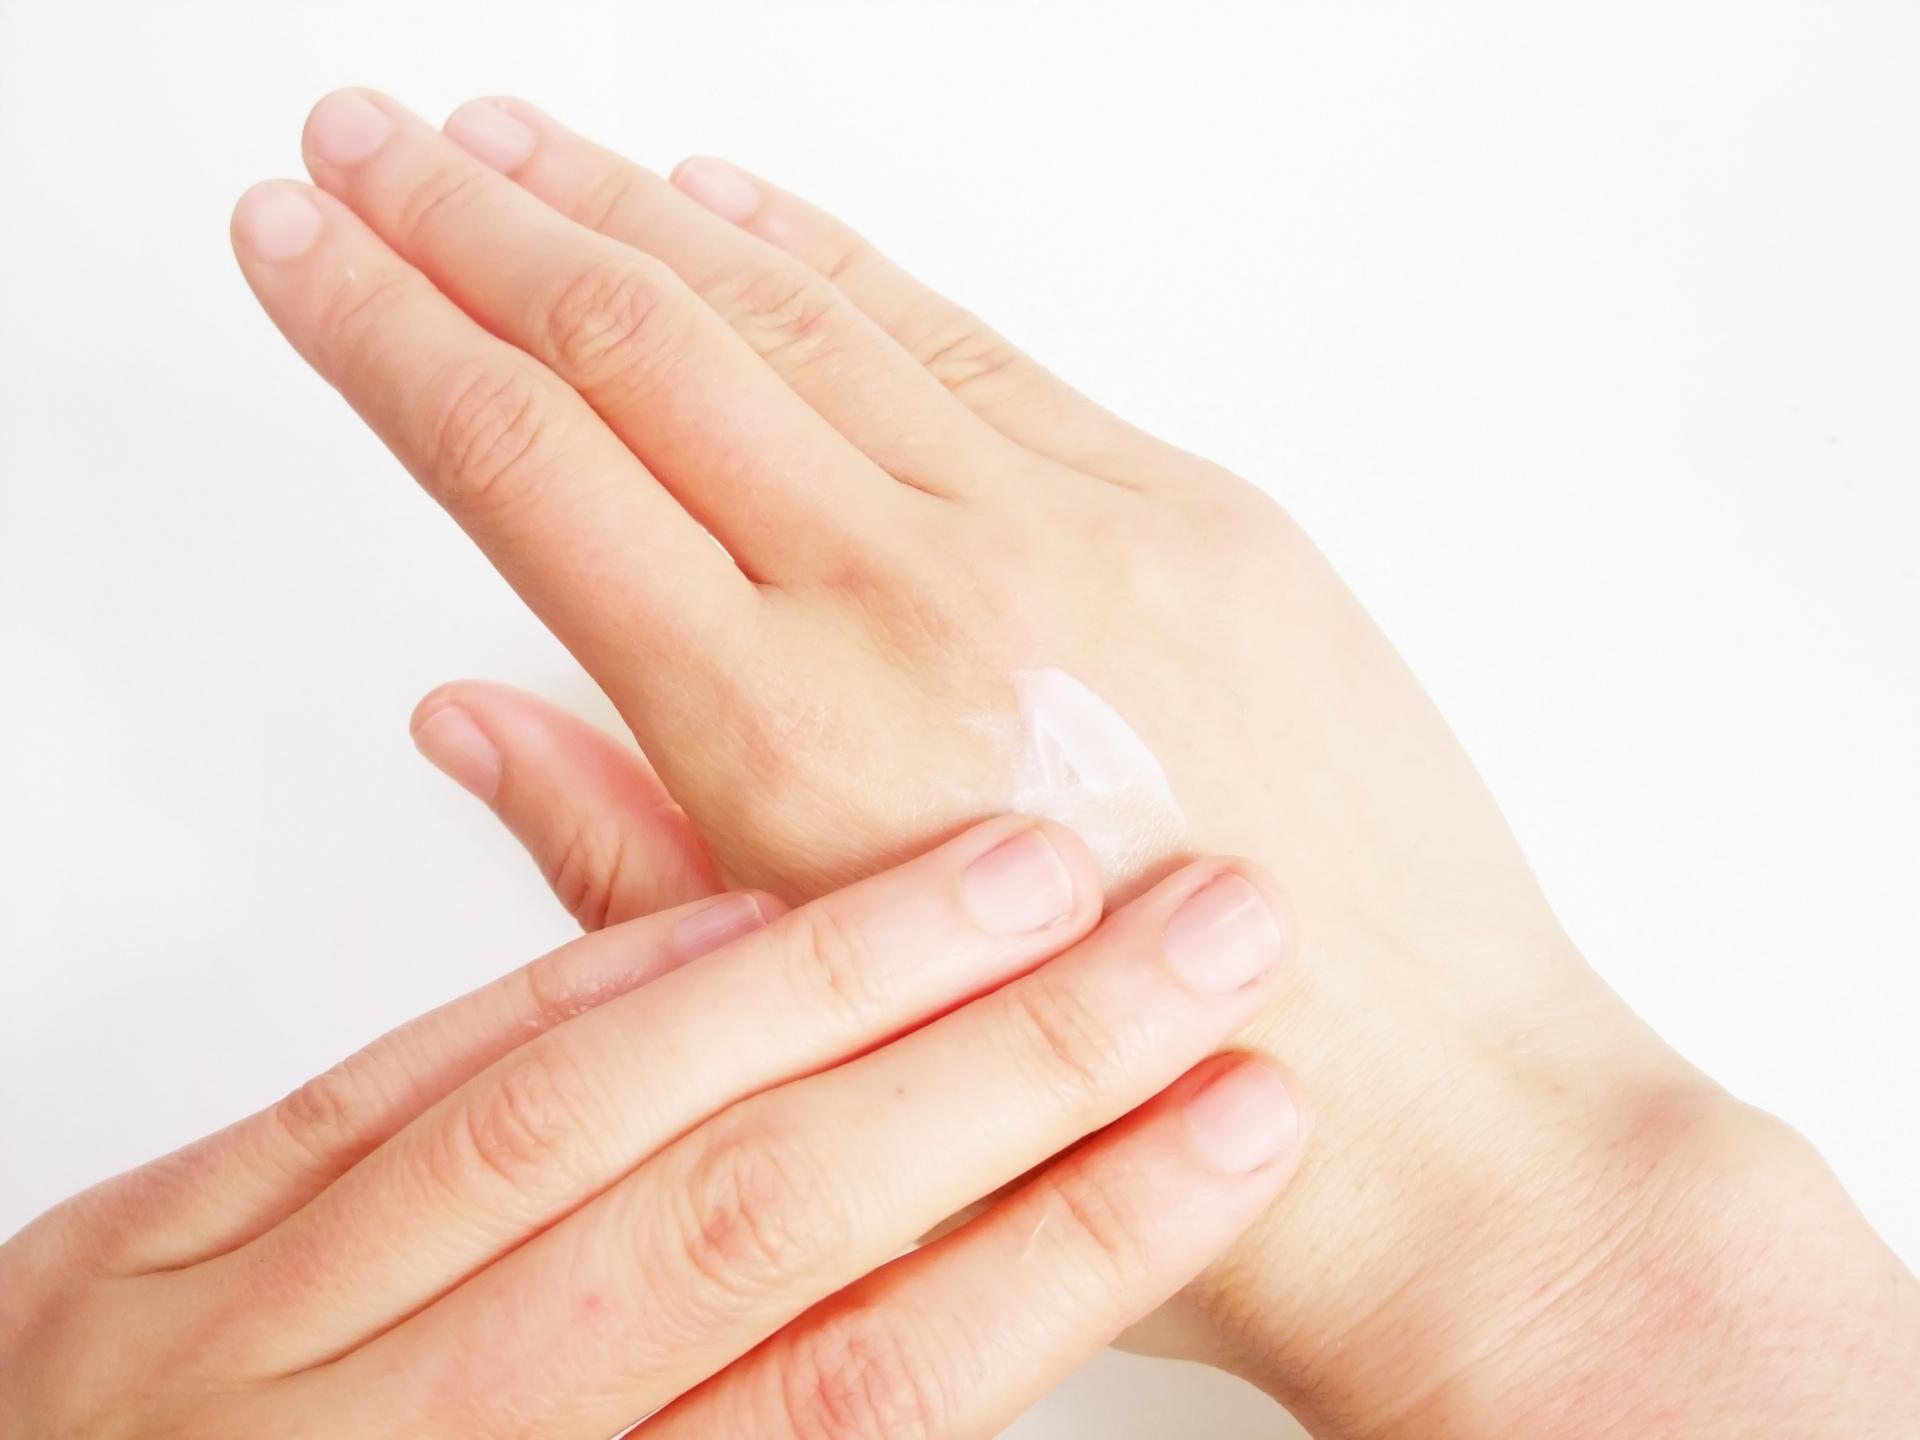 秋冬に硬くなりがちな肌をふっくら柔らかに、乳液の役割とは 02